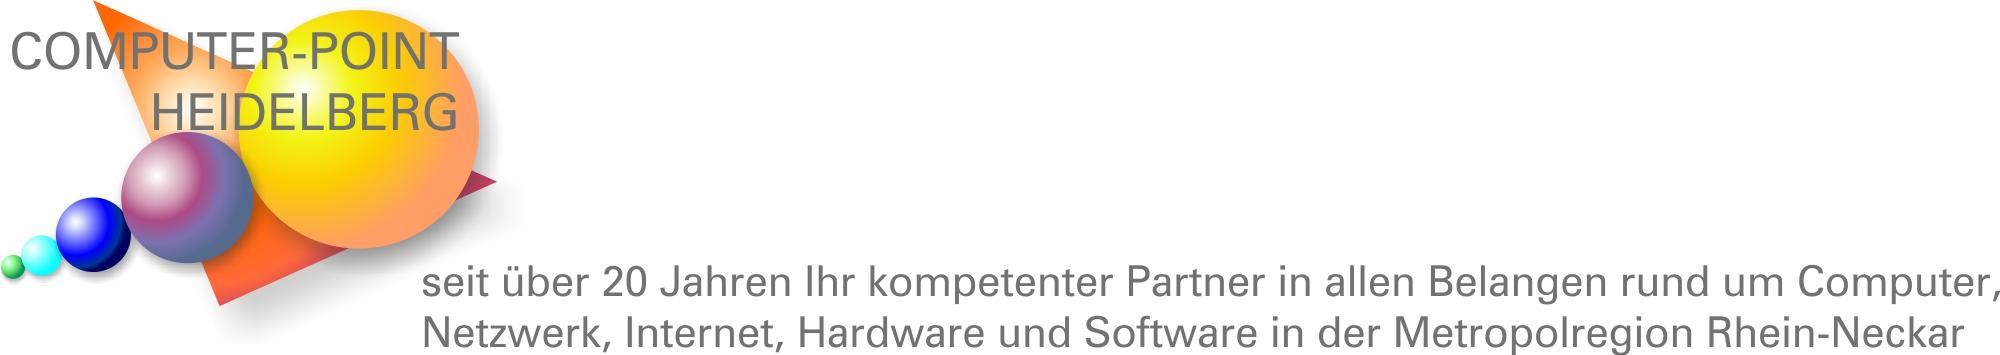 COMPUTER-POINT HEIDELBERG seit über 20 Jahren Ihr kompetenter Partner in allen Belangen rund um Computer, Netzwerk, Internet, Hardware und Software in der Metropolregion Rhein-Neckar